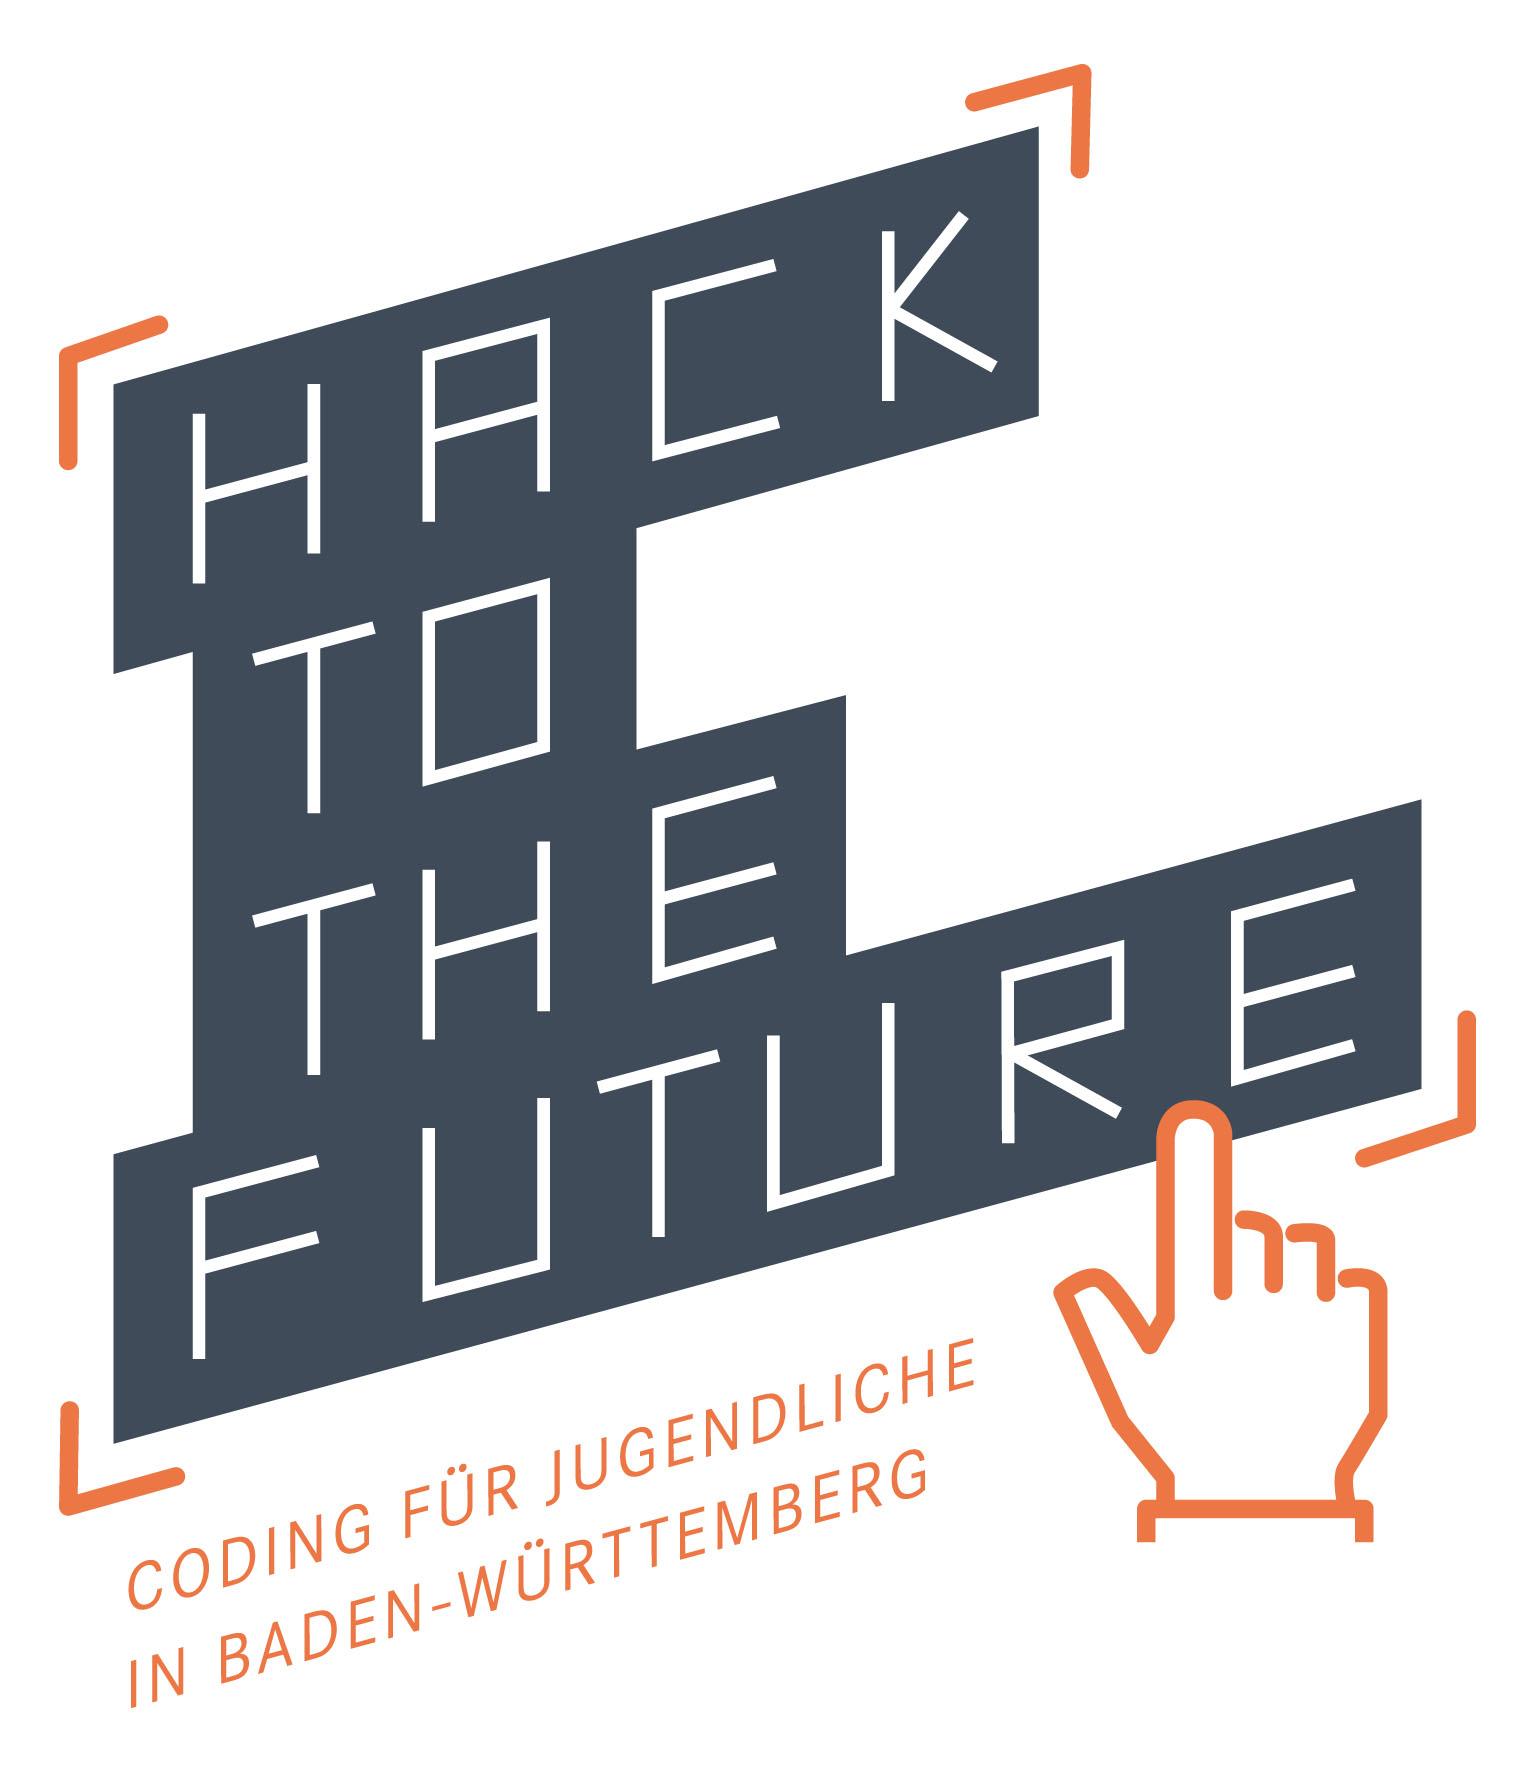 Hack To The Future - Coding für Jugendliche in Baden-Württemberg Image